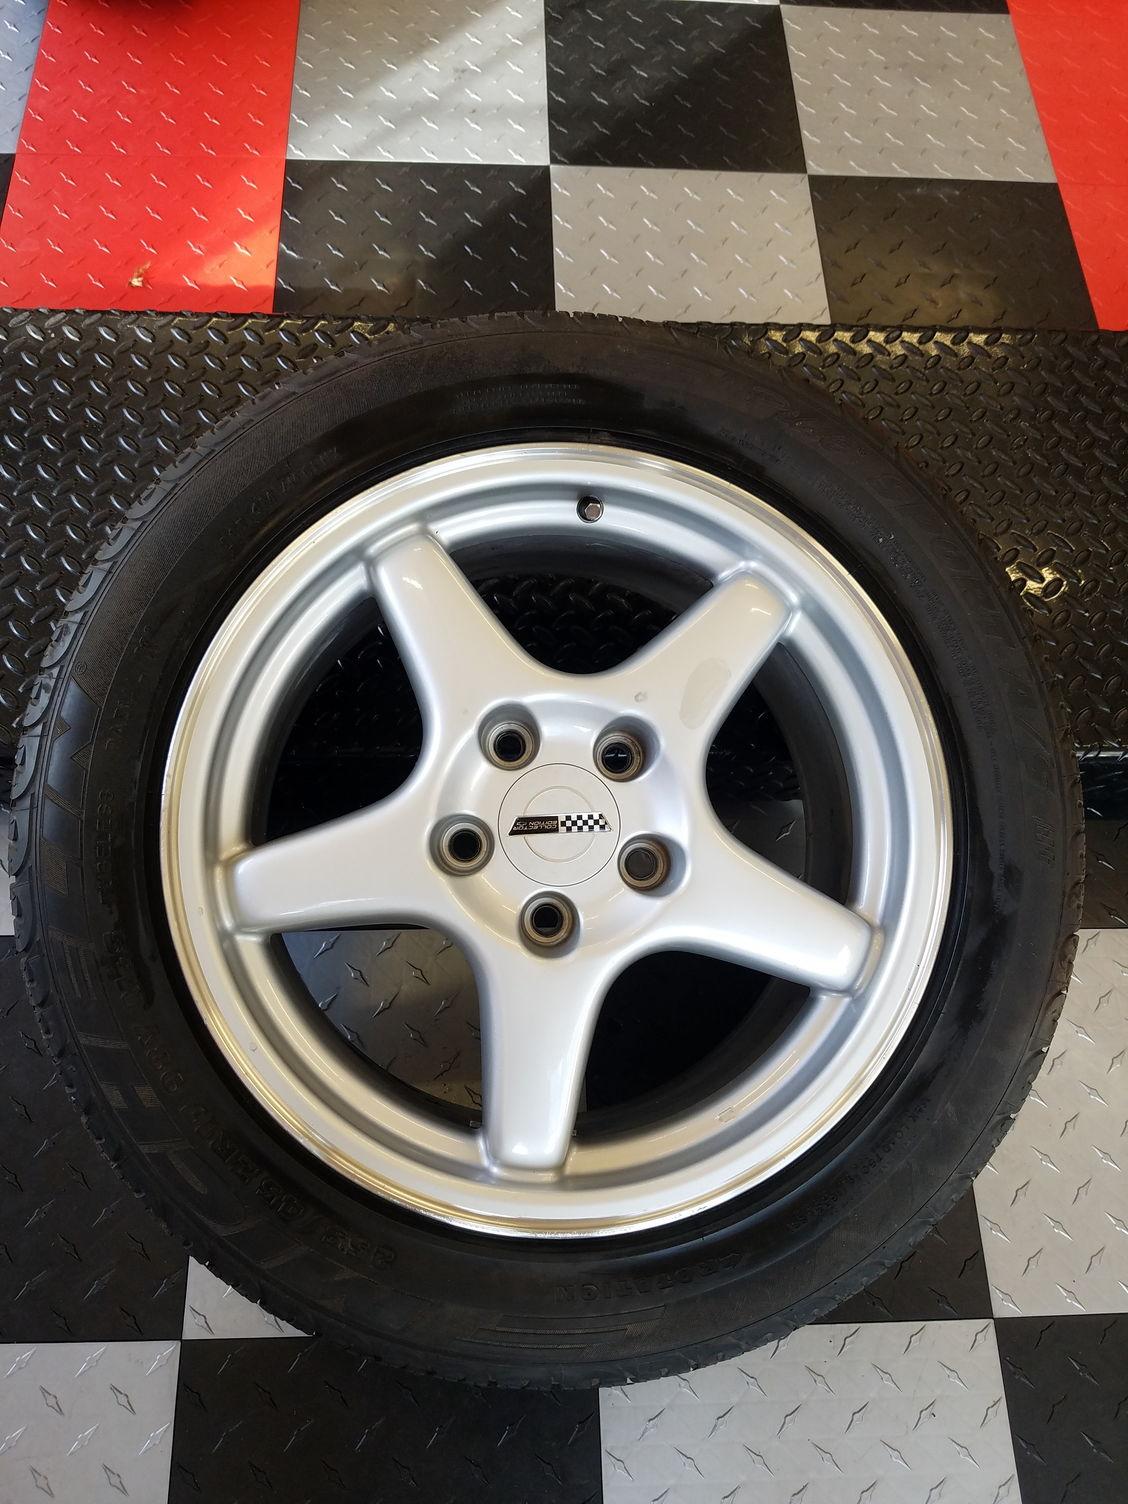 2008 Corvette For Sale >> C4 Corvette 1996 OEM Collector Edition Wheels, Tires (ZR1), Michelin Pilot Sport A/S ...